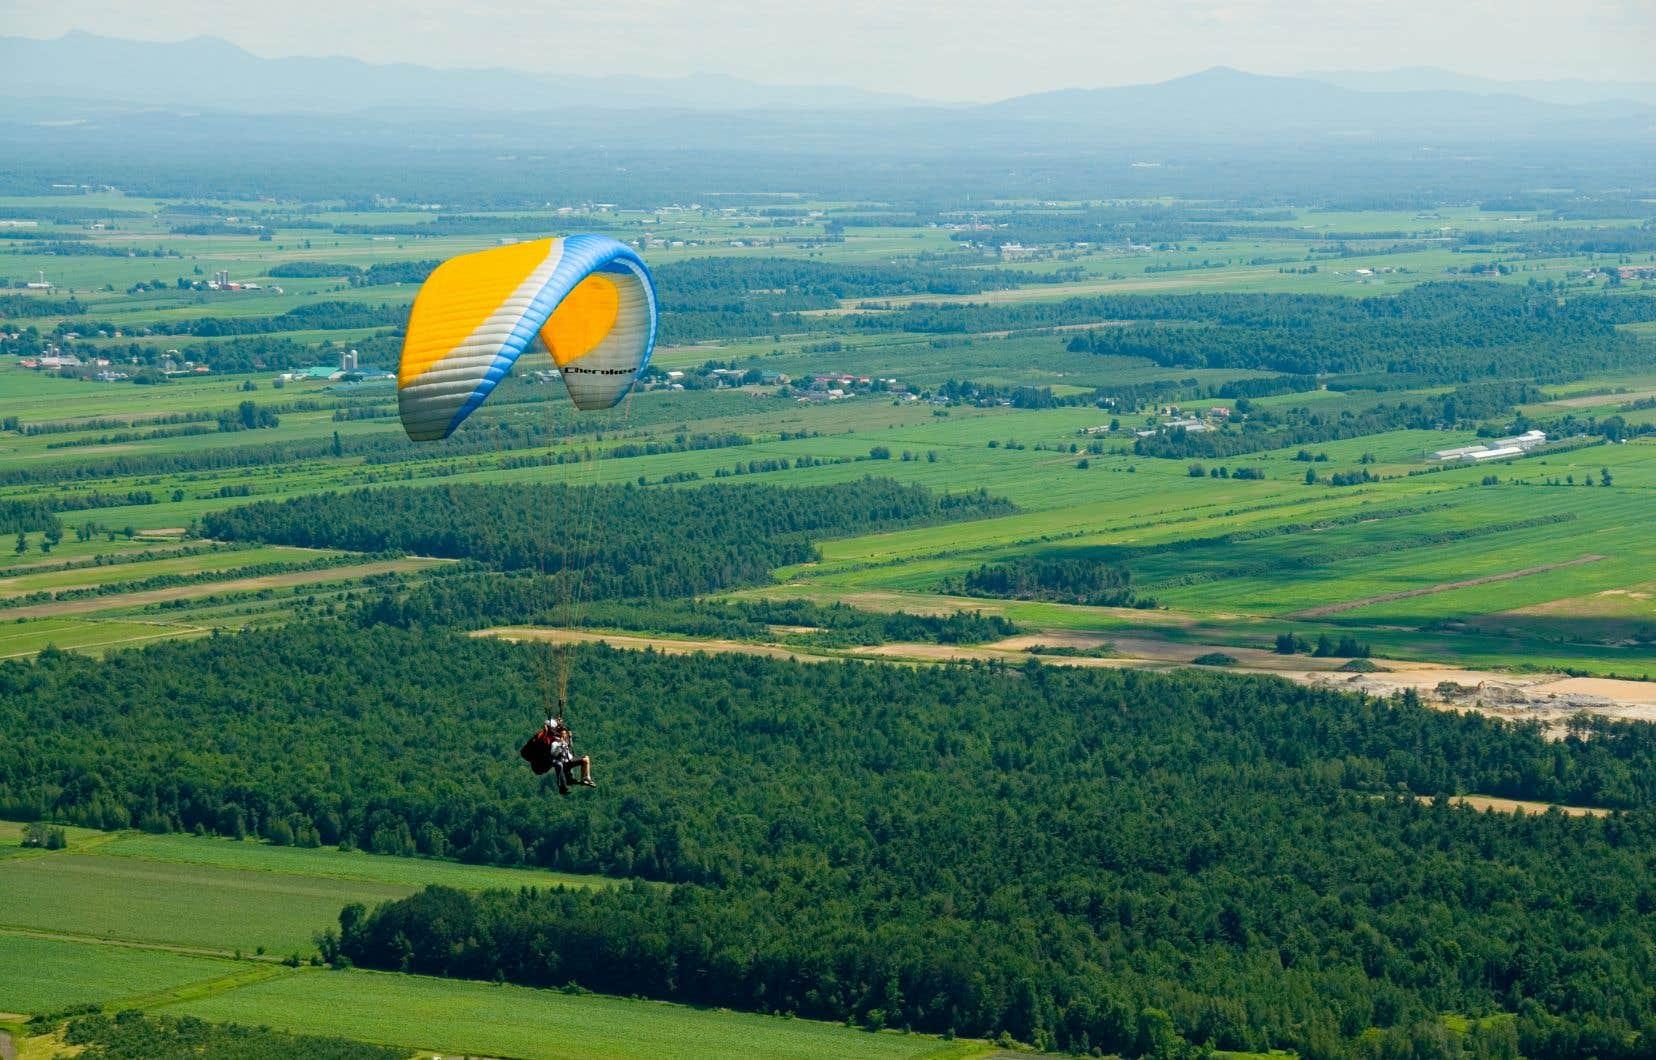 Lorsque le ciel n'est pas trop chargé et les vents pas trop forts, les parapentes et les deltaplanes tournoient au-dessus de la montagne.